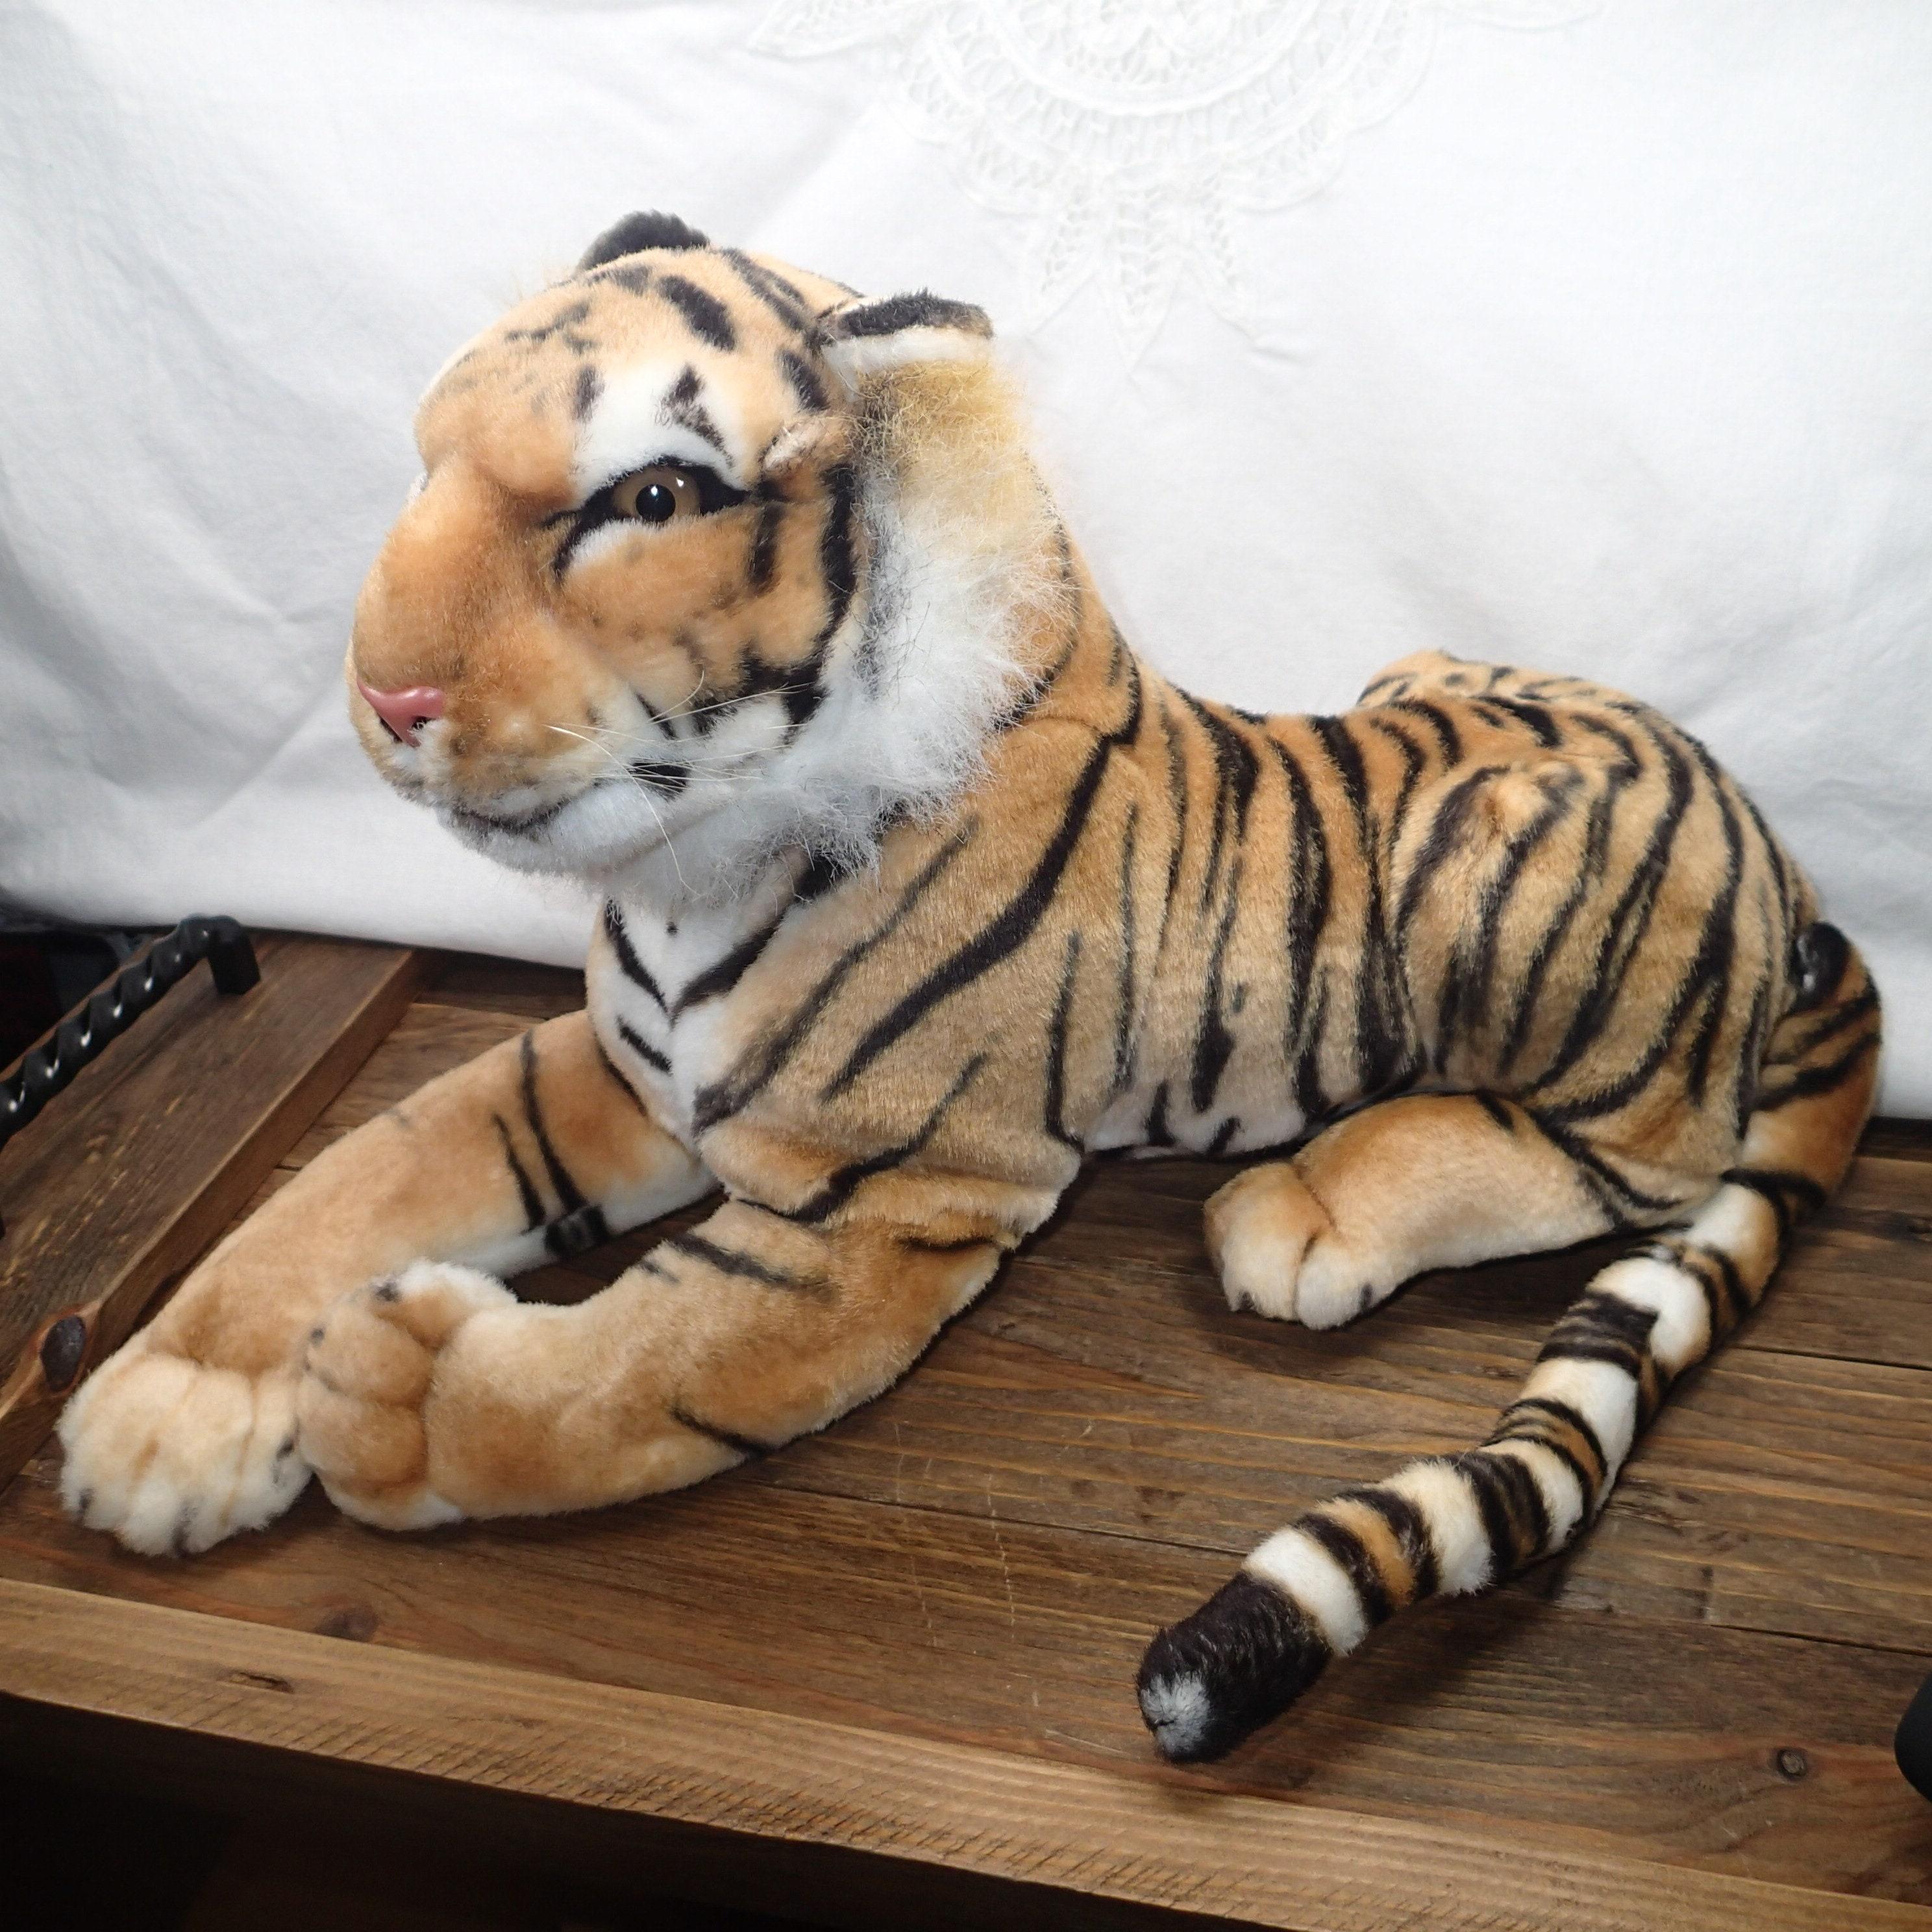 Vintage Large Tiger Plush Plush Toy Tiger Stuffed Animal Etsy